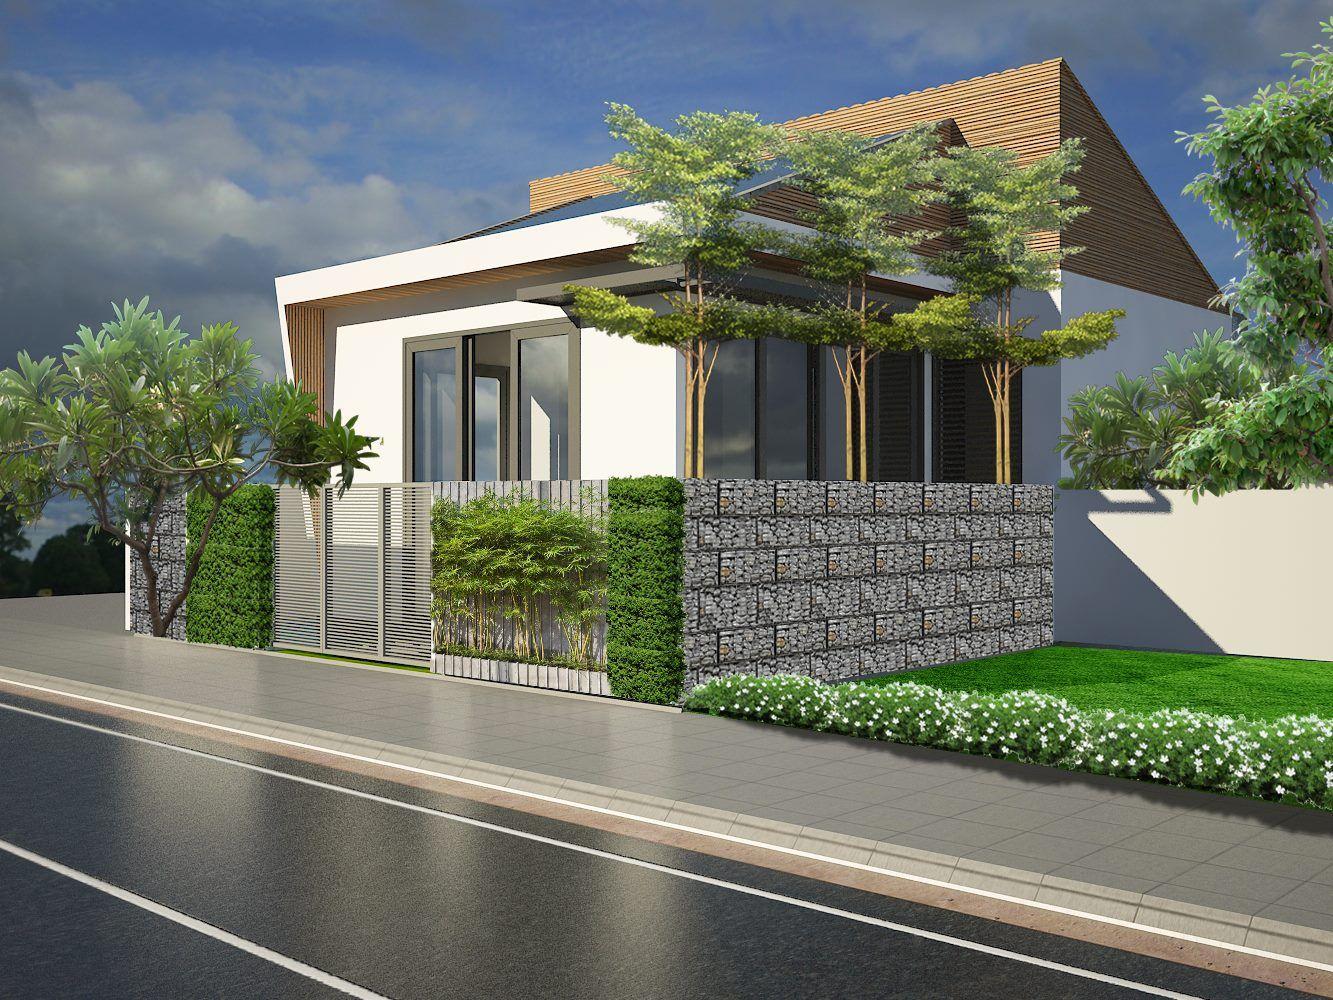 Cuối ngôi nhà còn được thiết kế một cửa phụ, mở ra sân sau phục vụ cho việc giặt phơi của các thành viên trong gia đình